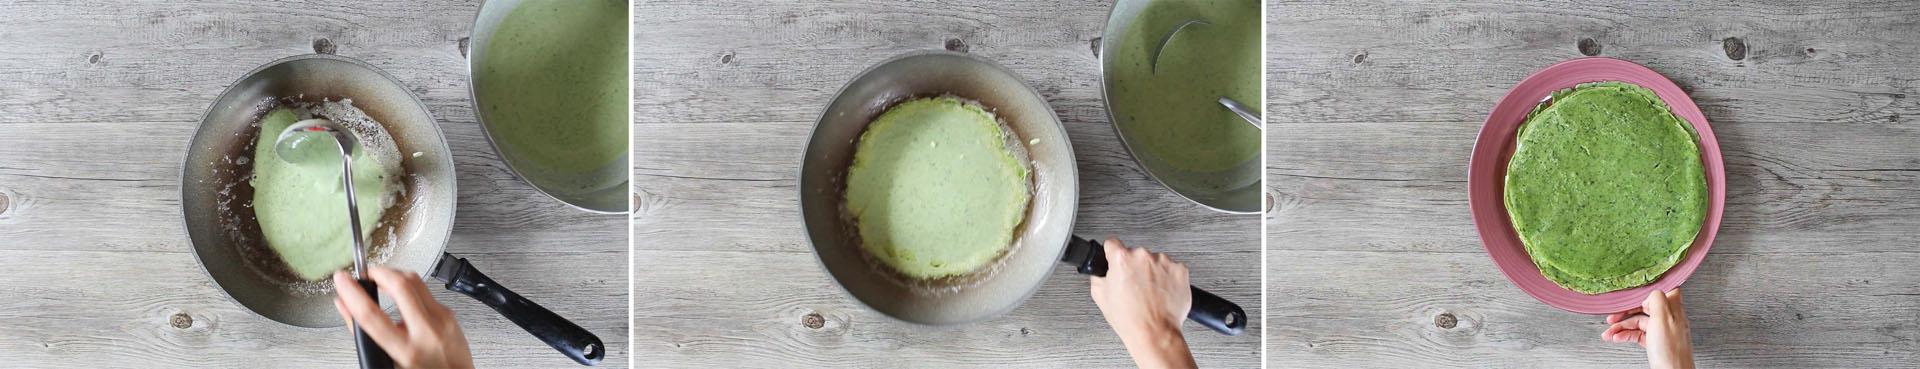 preparazione_crespelle-ricotta-spinaci